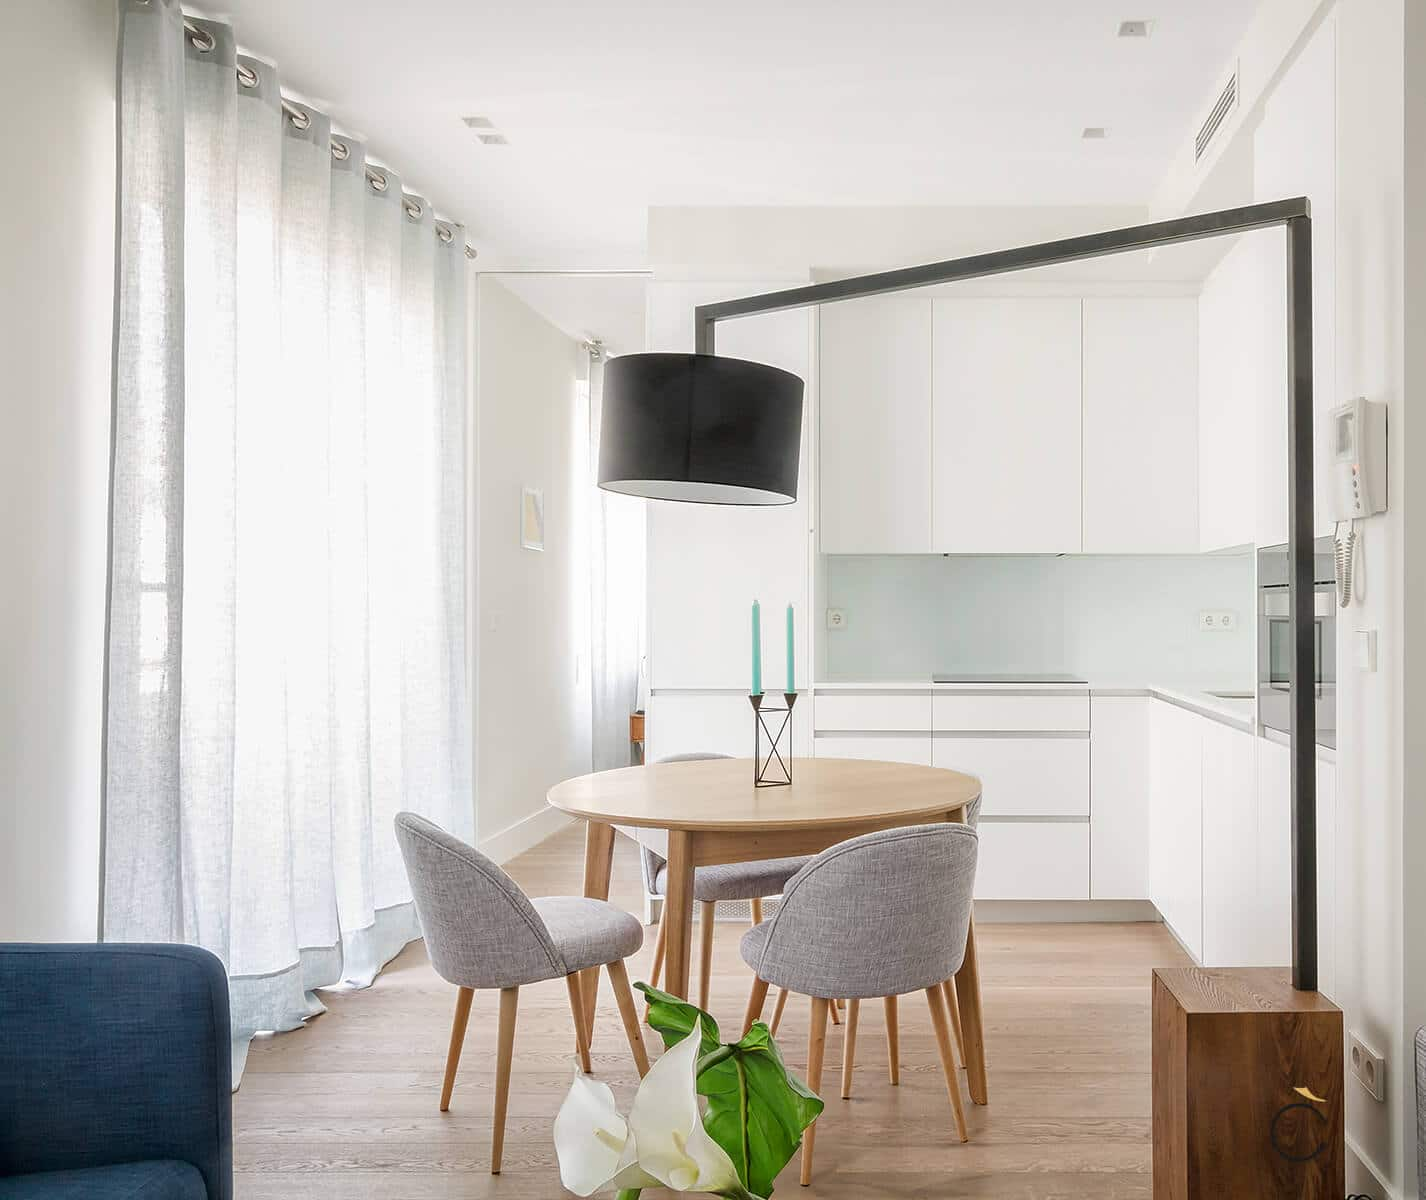 Cocina pequeña moderna con mesa circular en medio - cocinas pequeñas